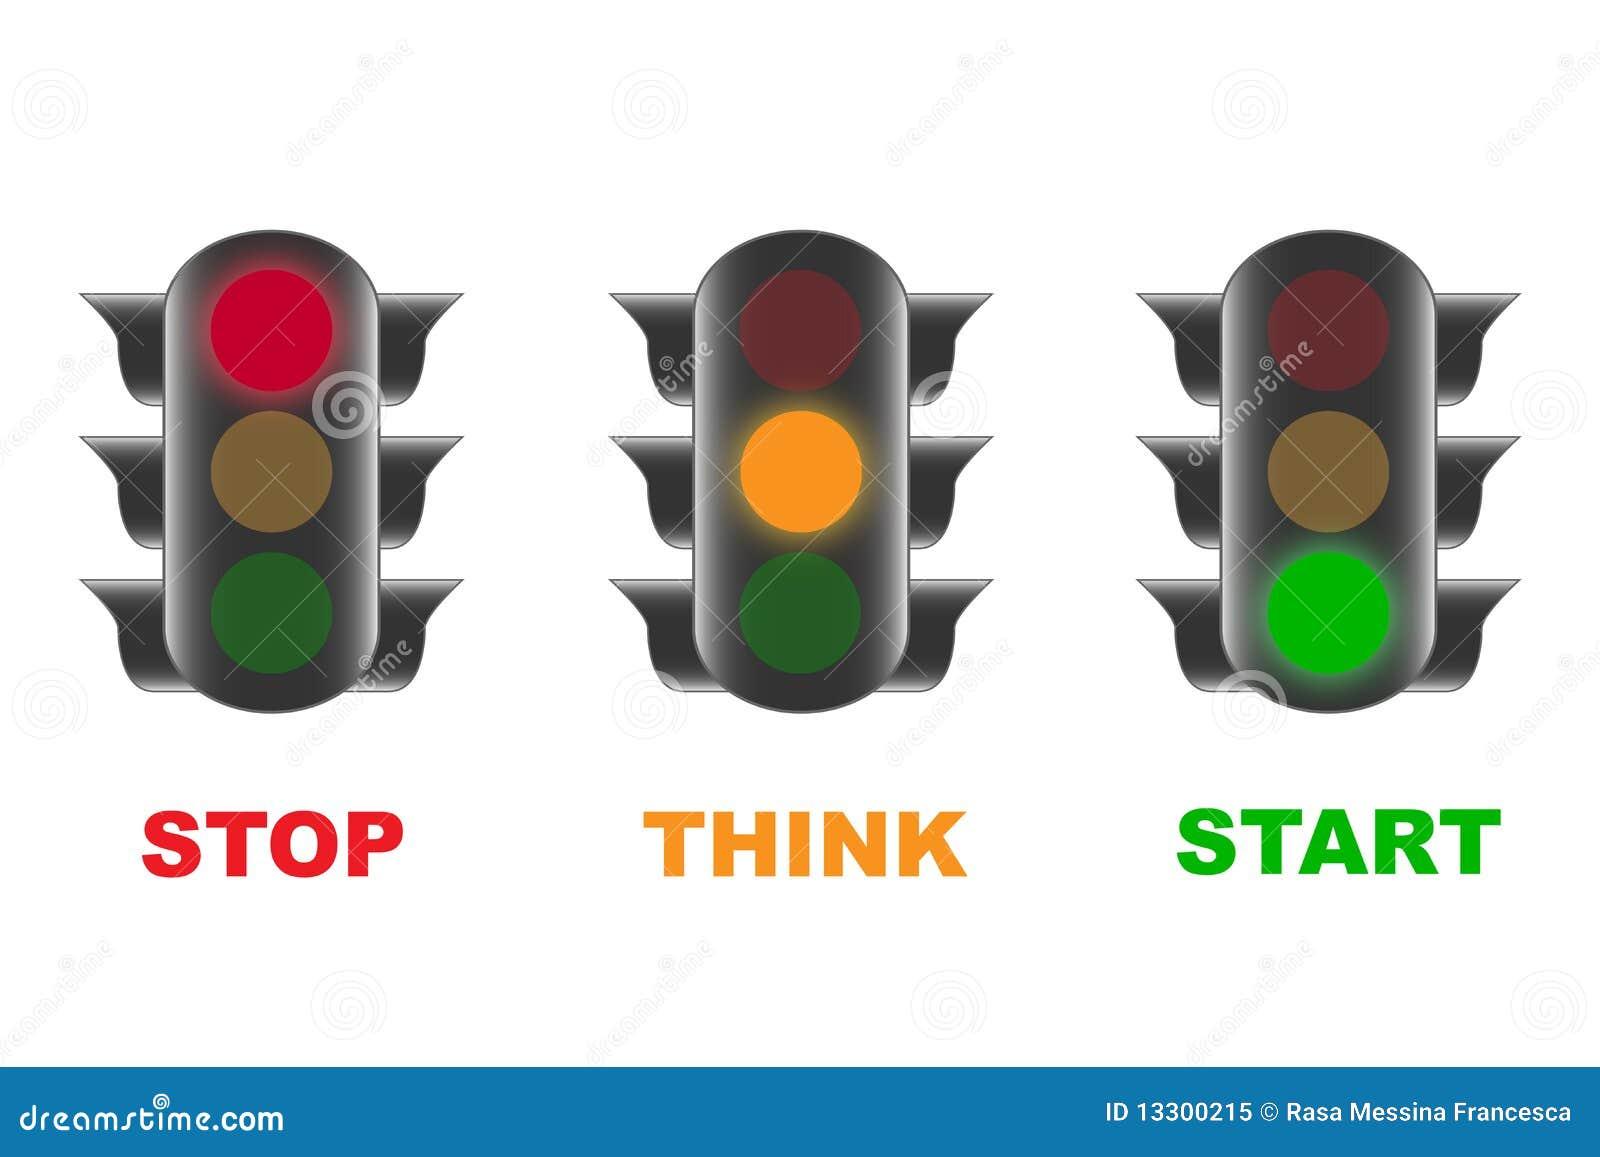 Hanging Traffic Light Clip Art